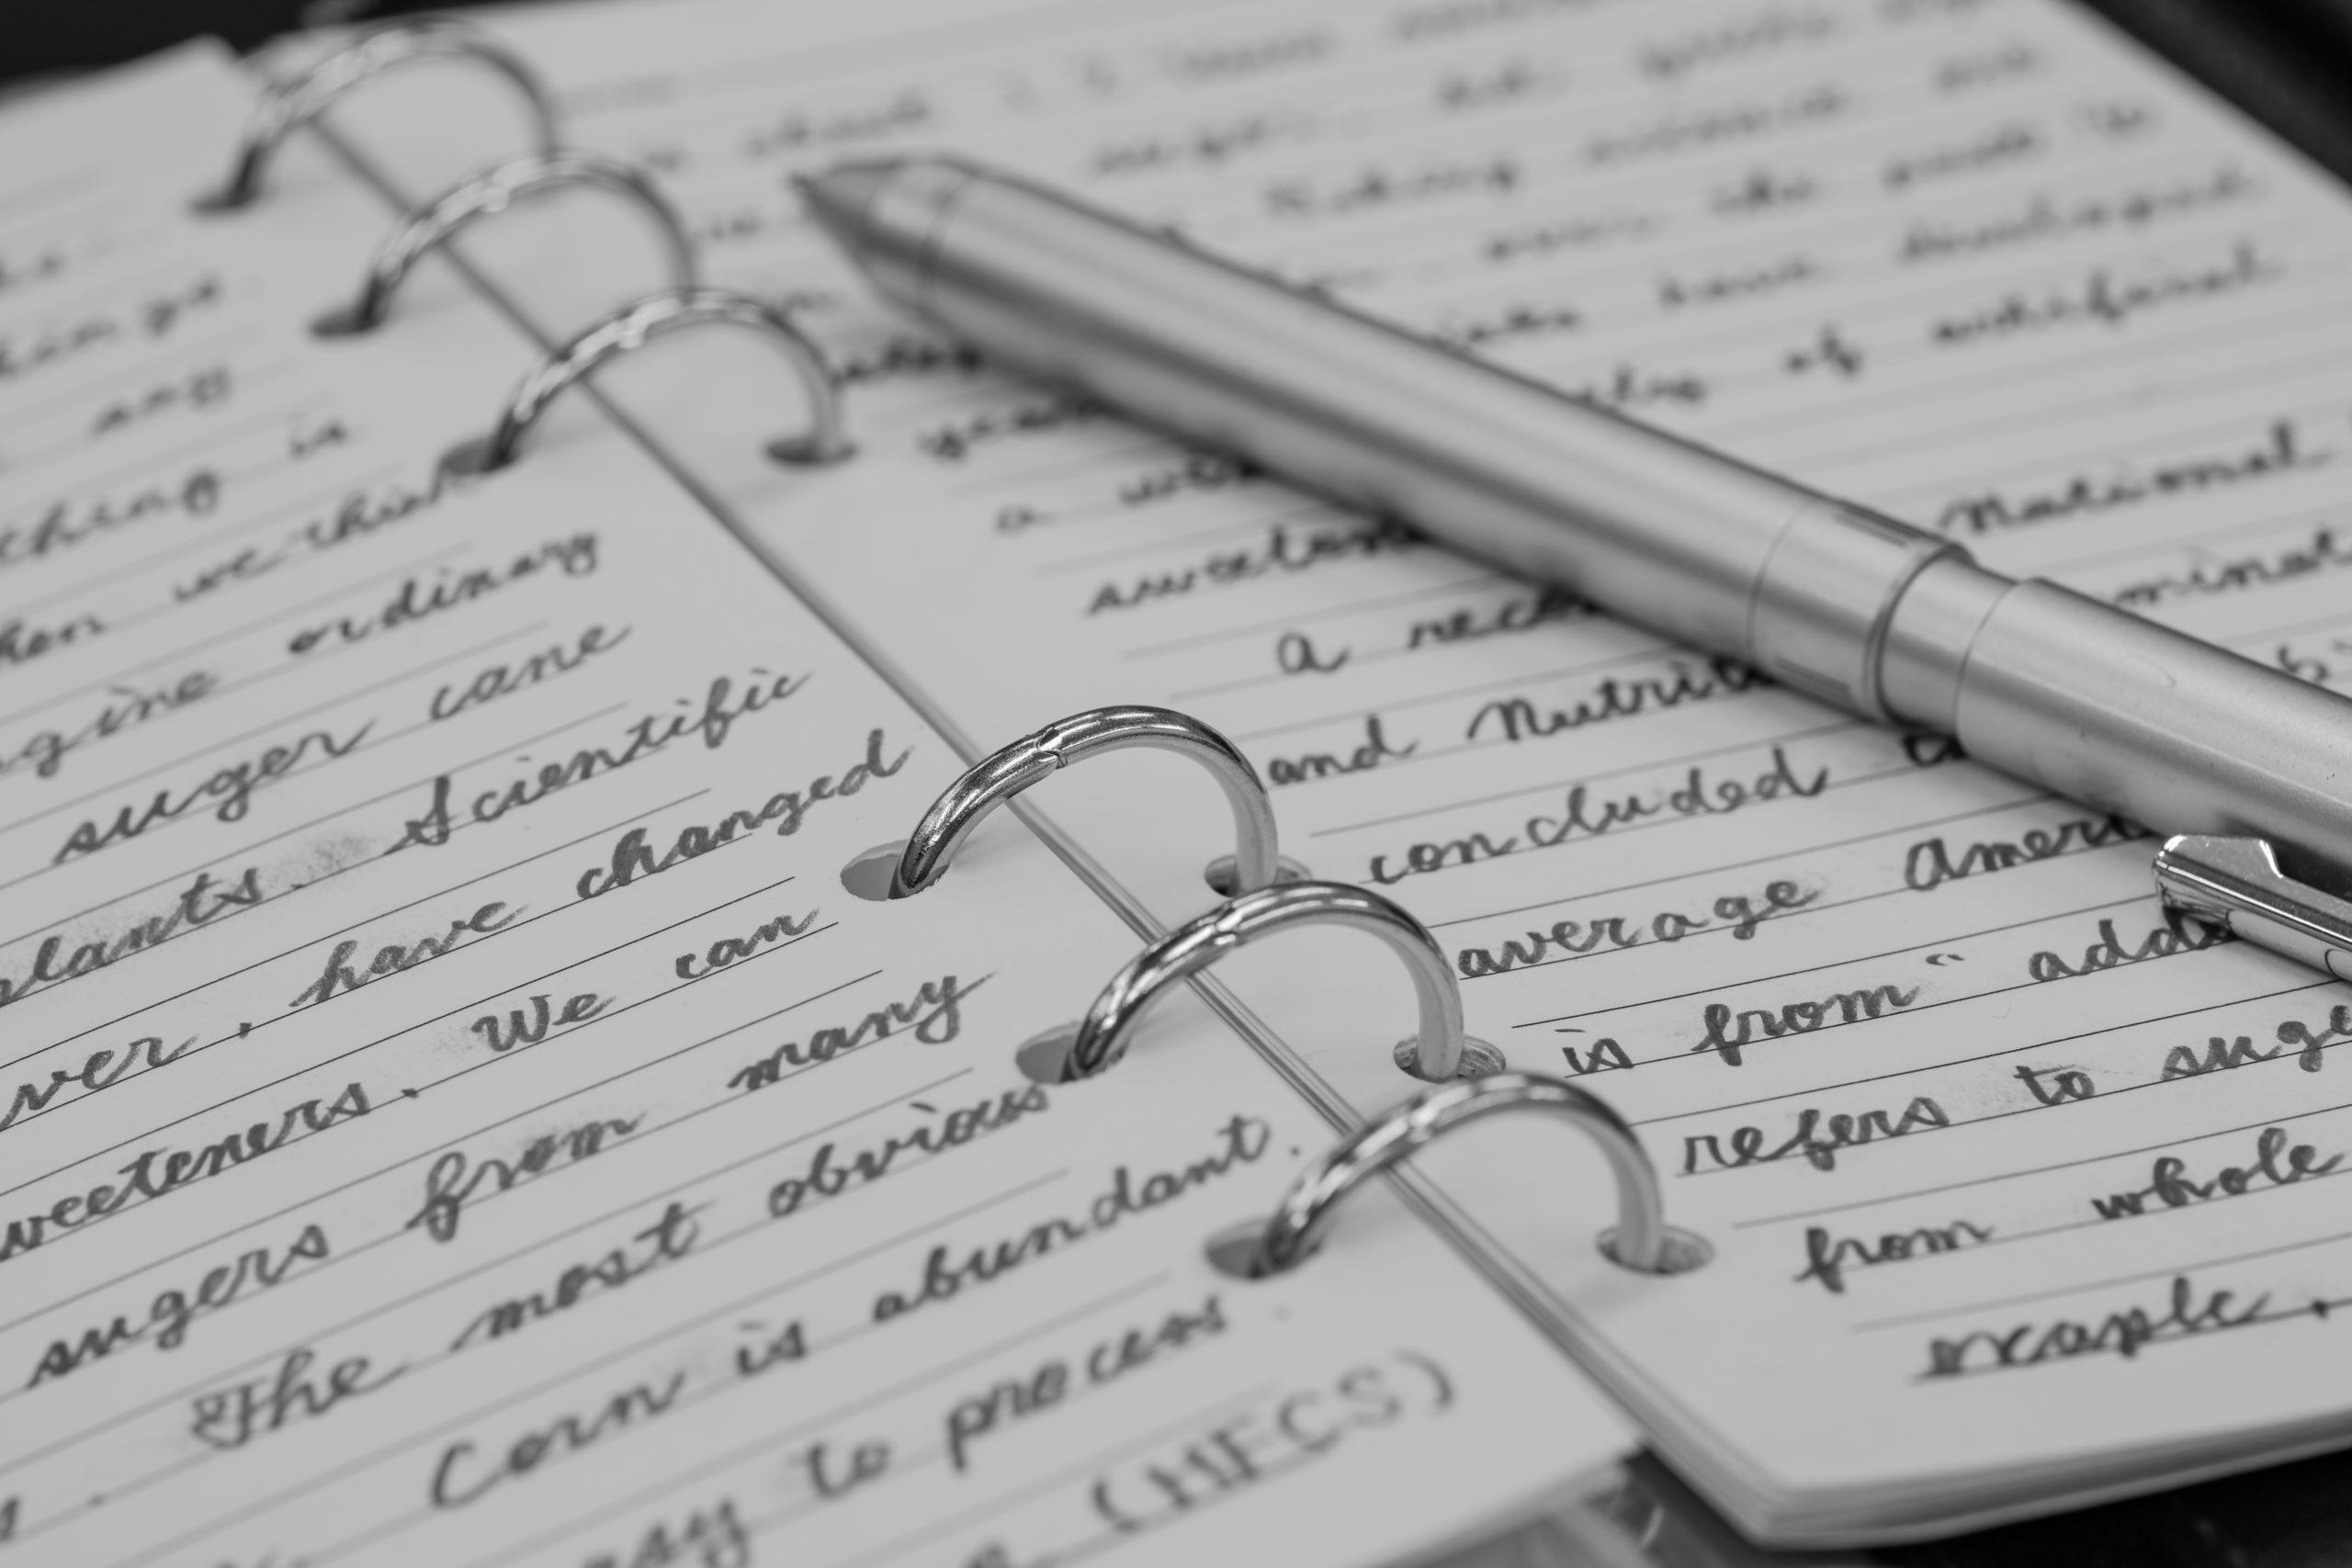 Finished writing 2